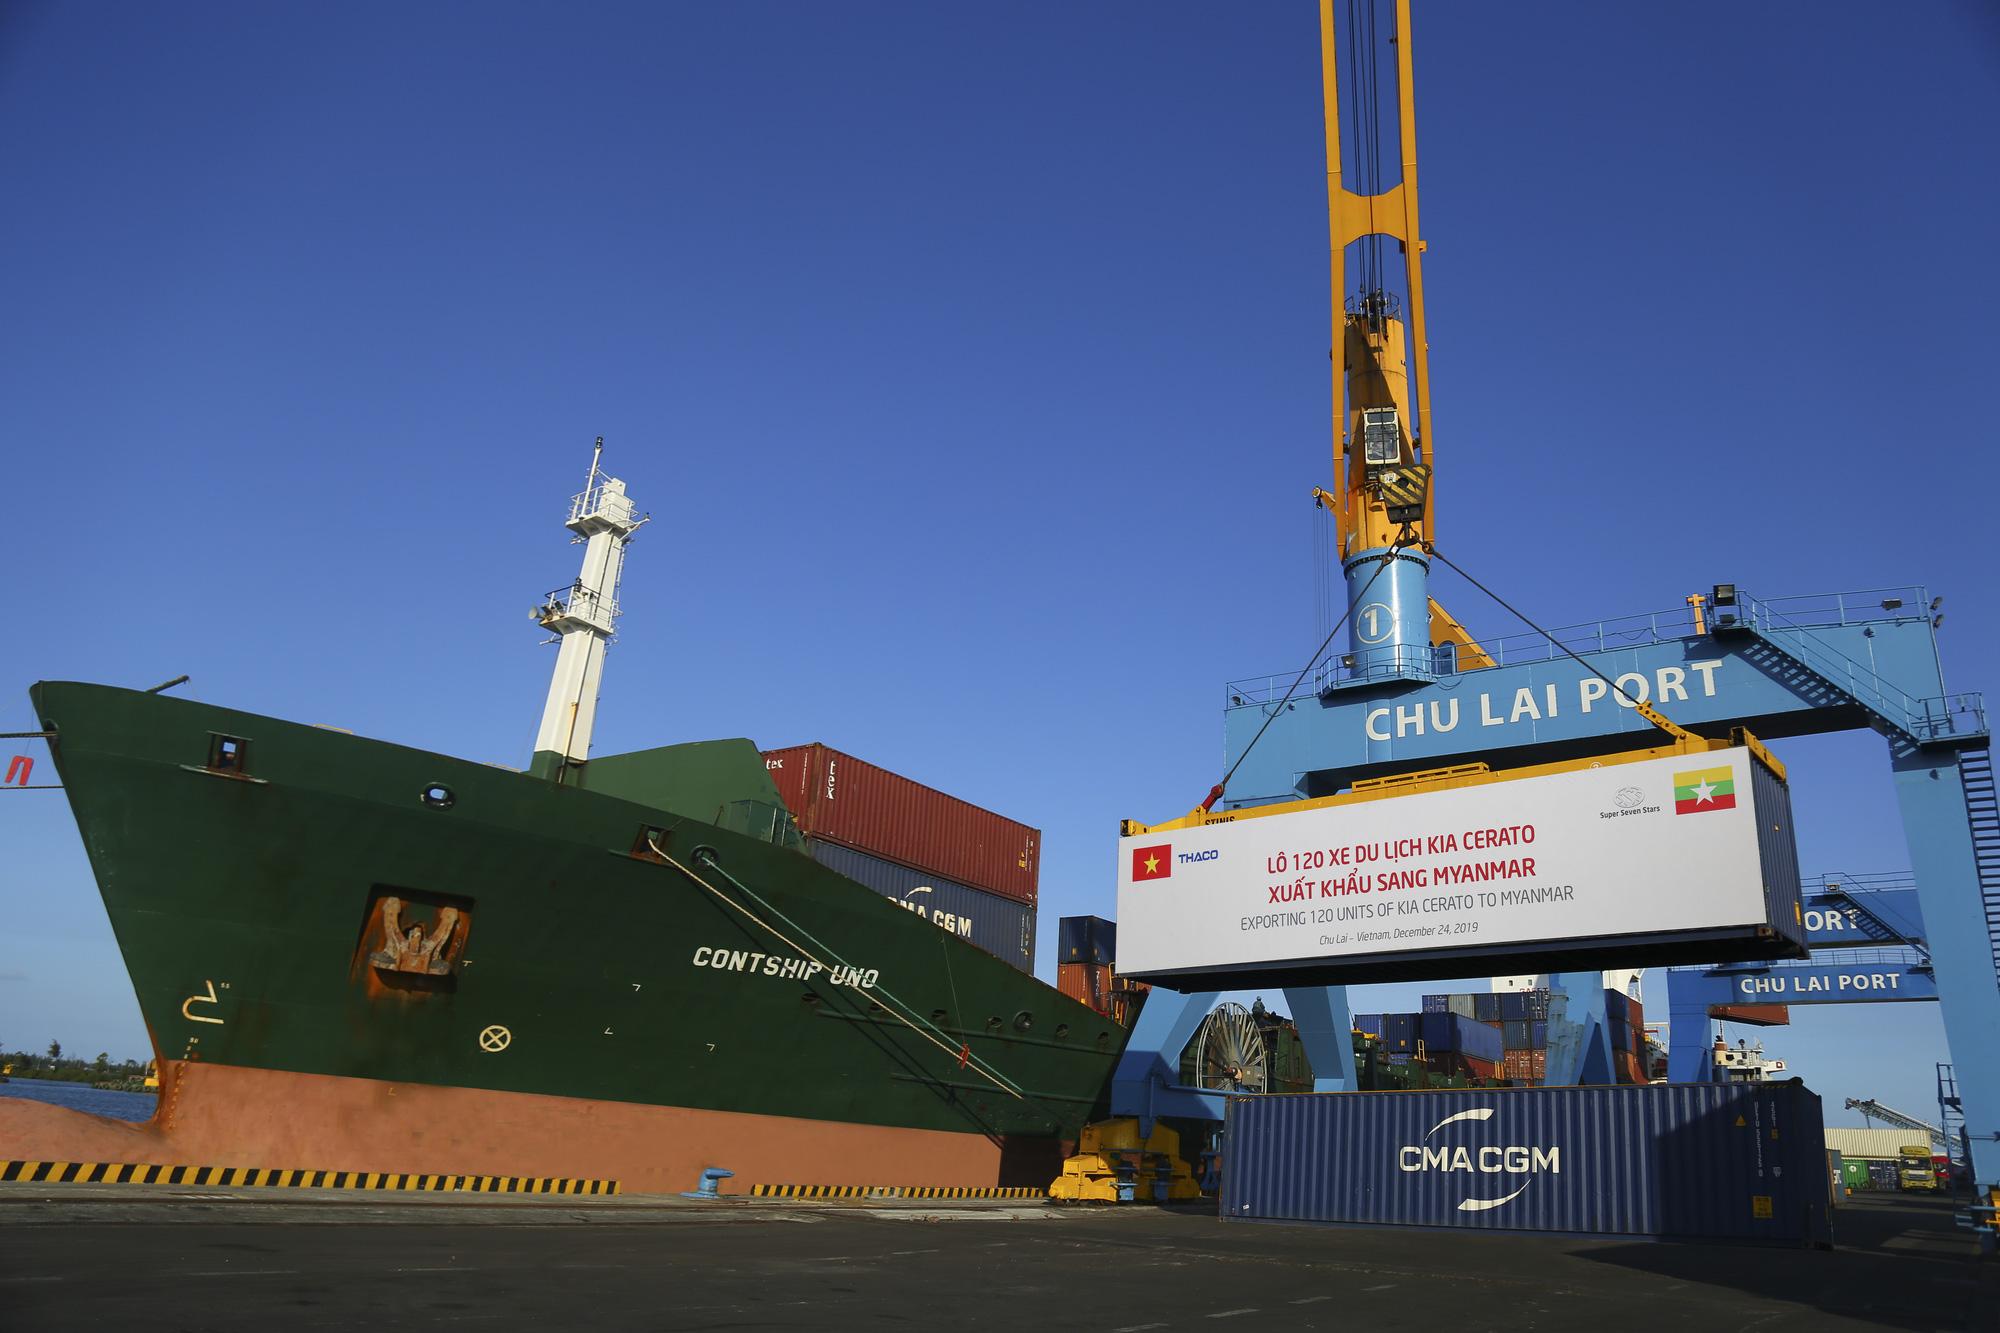 Lợi nhuận cao kỷ lục trong 2 tháng đầu năm từ Cảng biển - Ảnh 1.